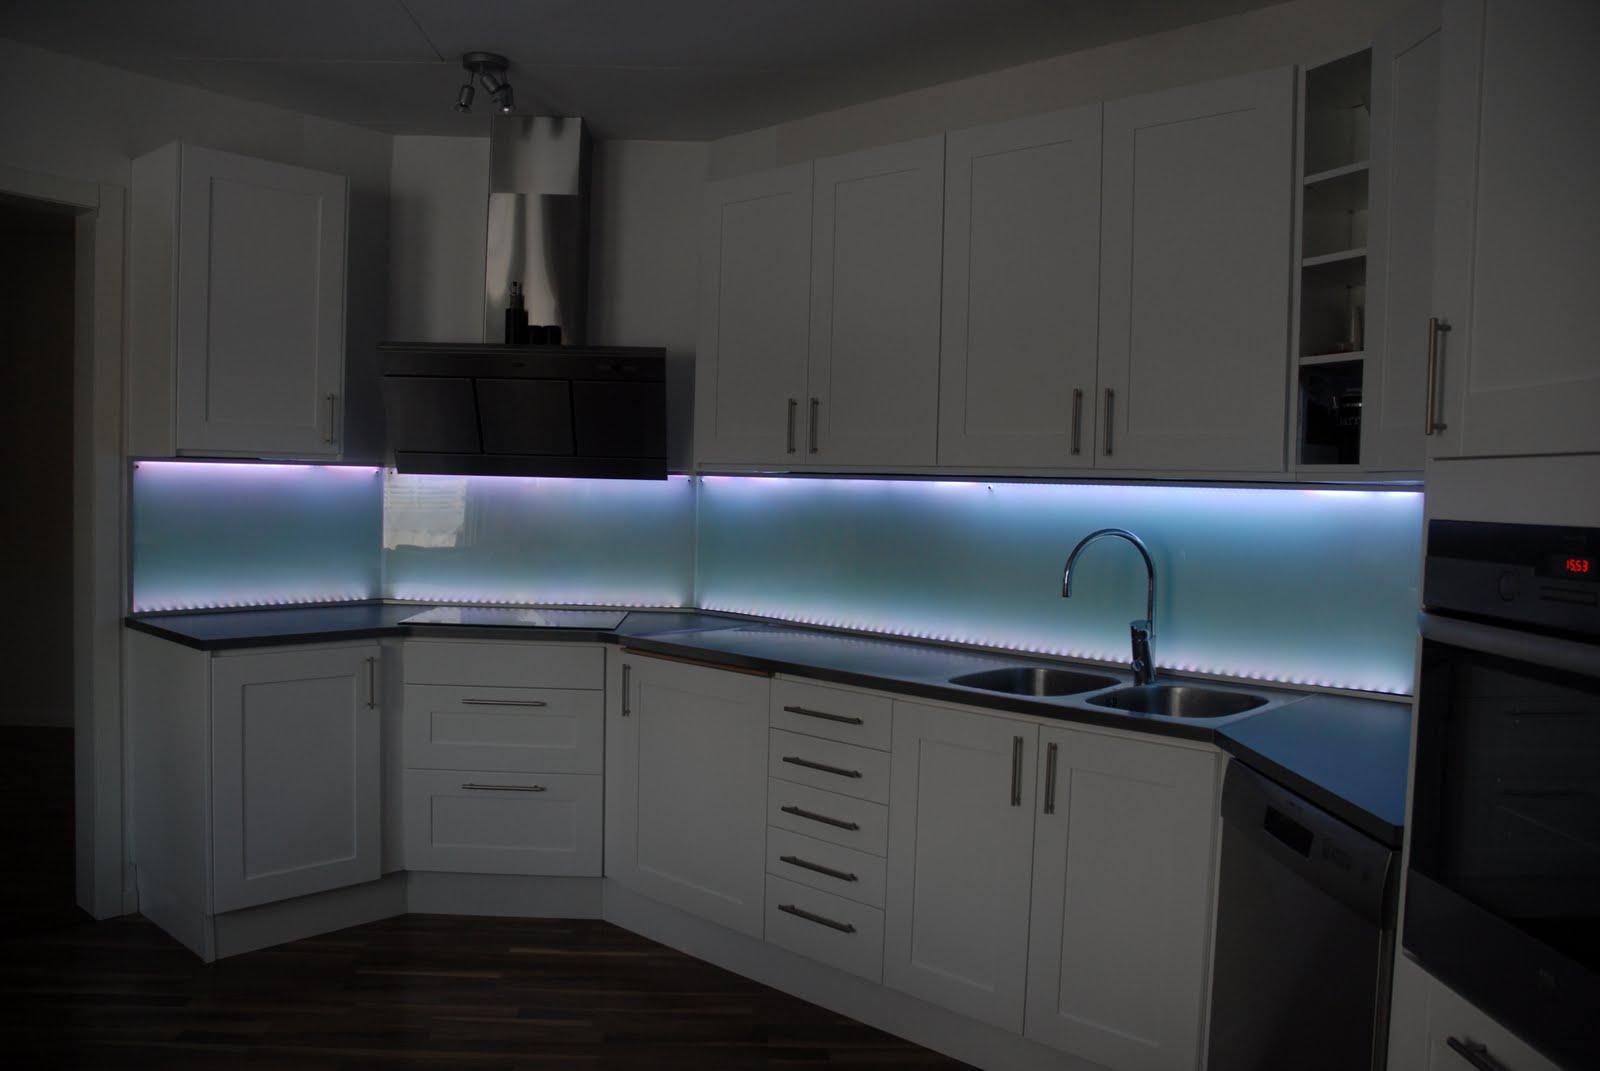 Led Belysning Koket : led belysning koket  Pingstgatan LedBelysning i Koket